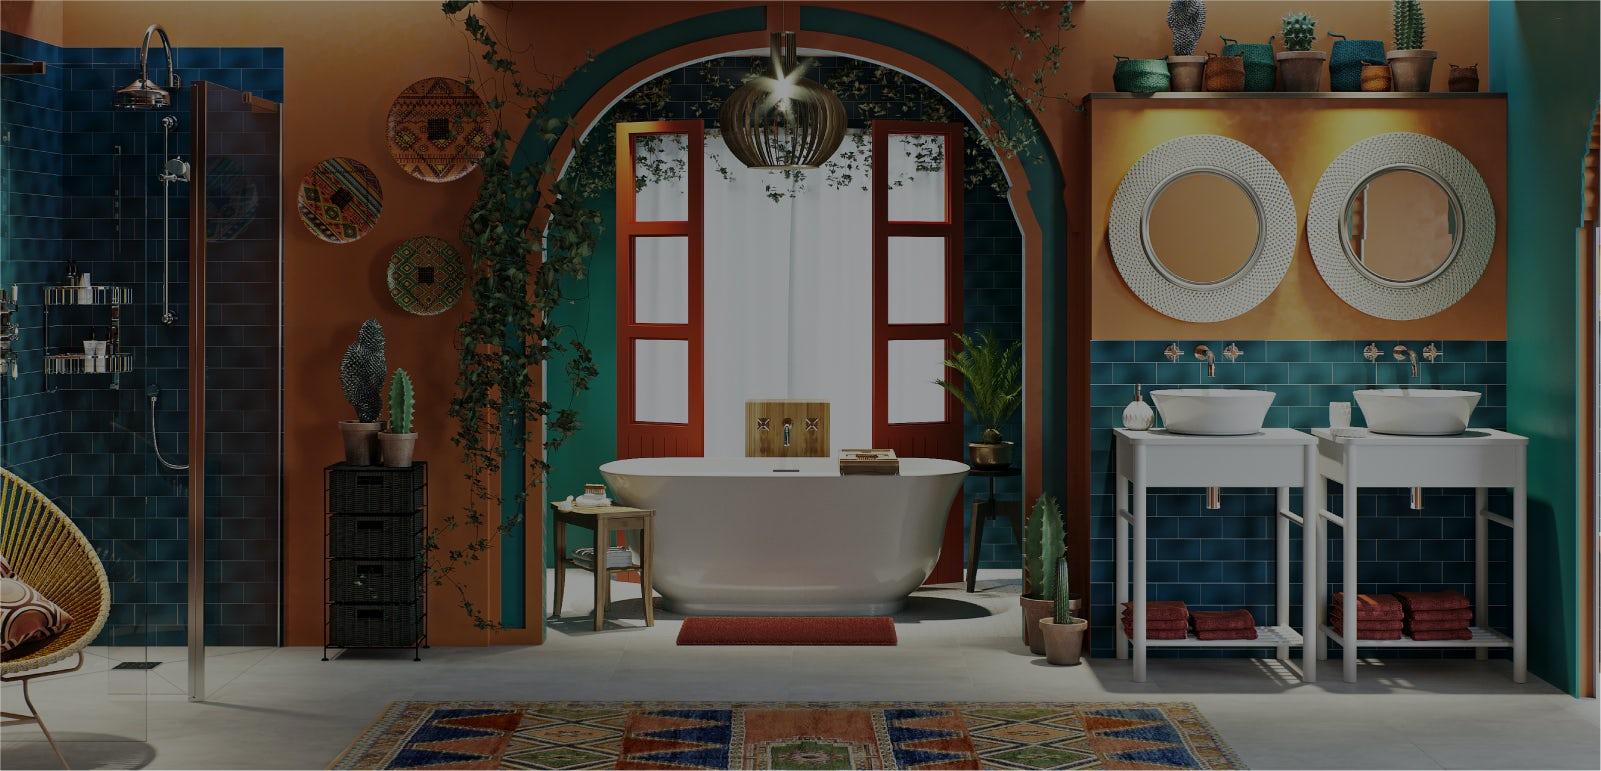 Bathroom Ideas: Go Global—Mexico